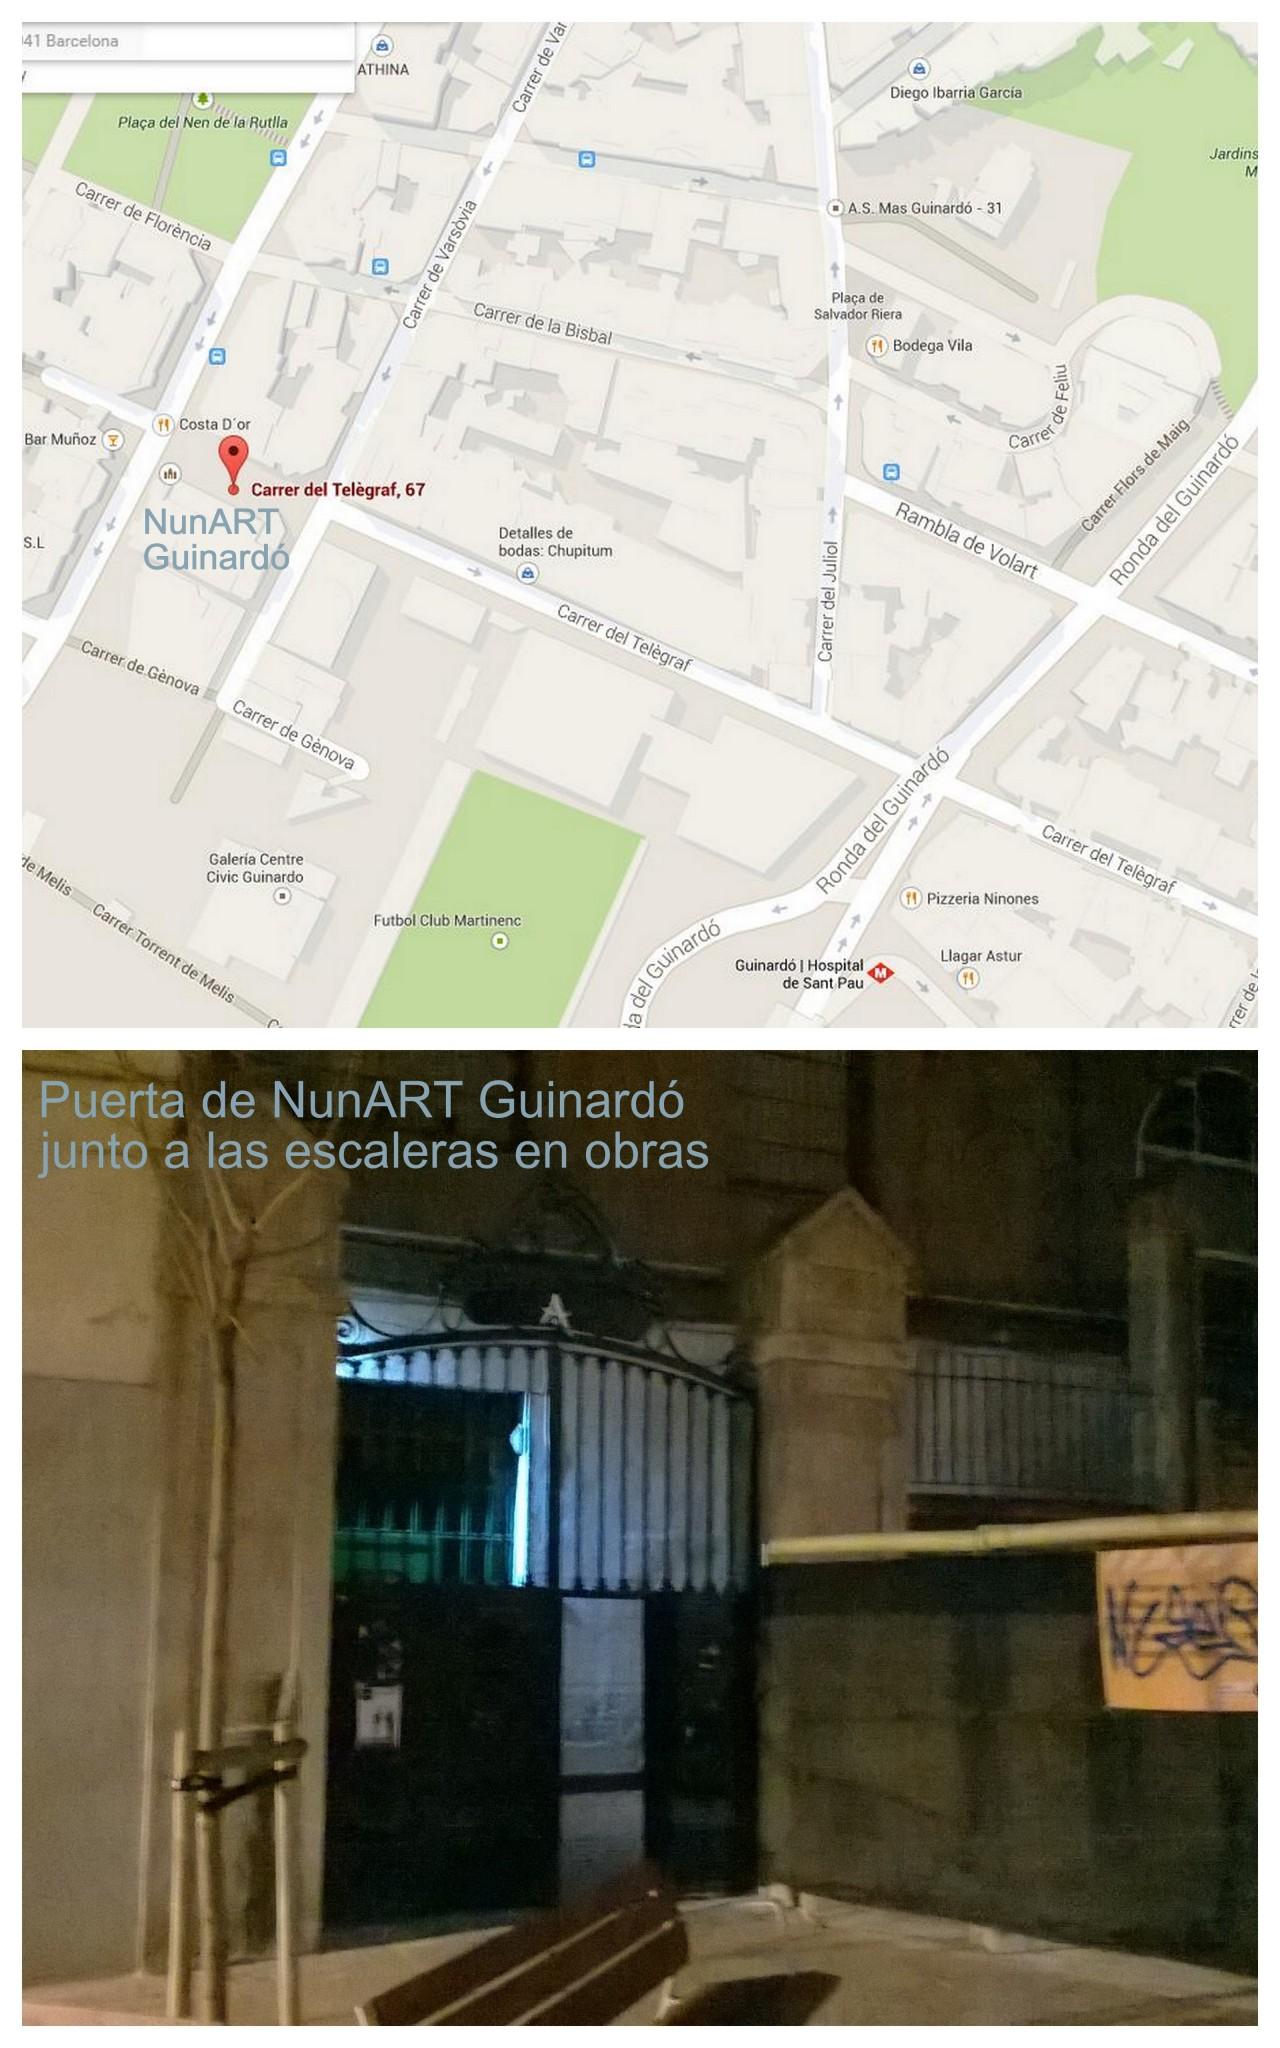 Mapa para llegar a NunART Guinardó, y fotografía de la puerta de acceso, junto a las obras.